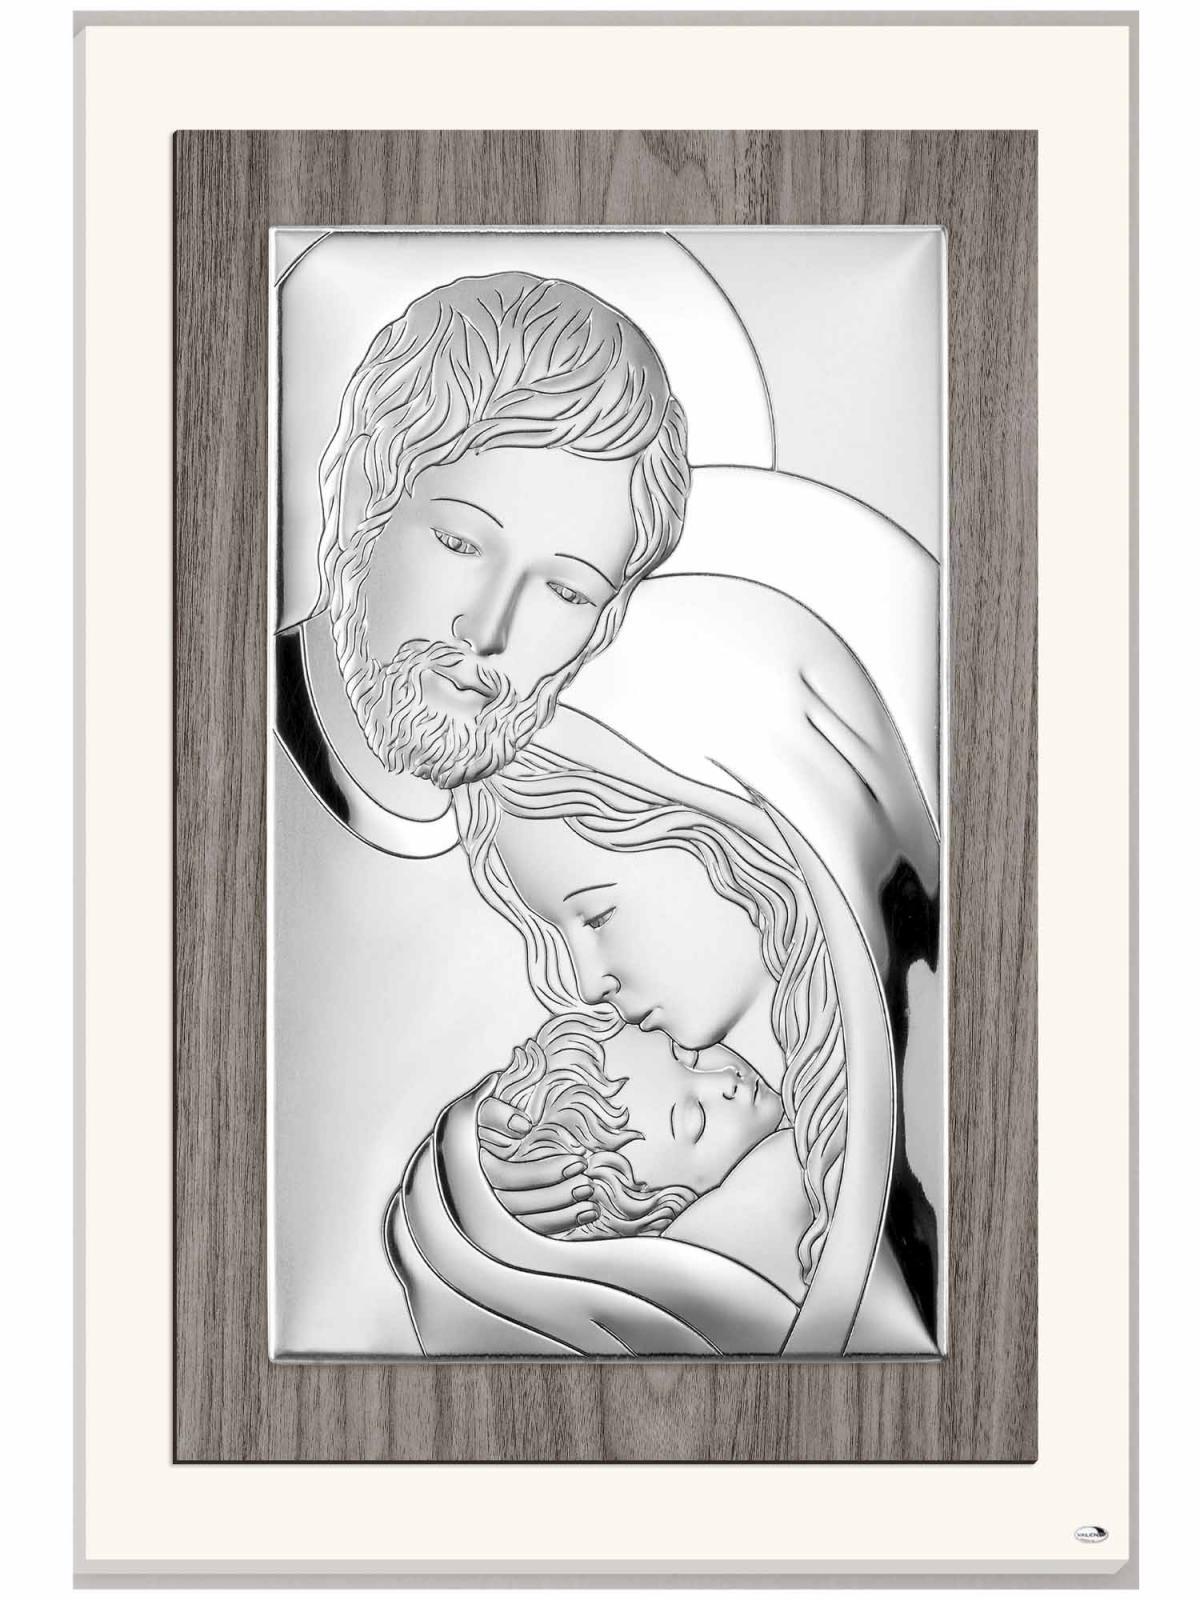 Ікона срібна Свята Родина 17х25см L240.4